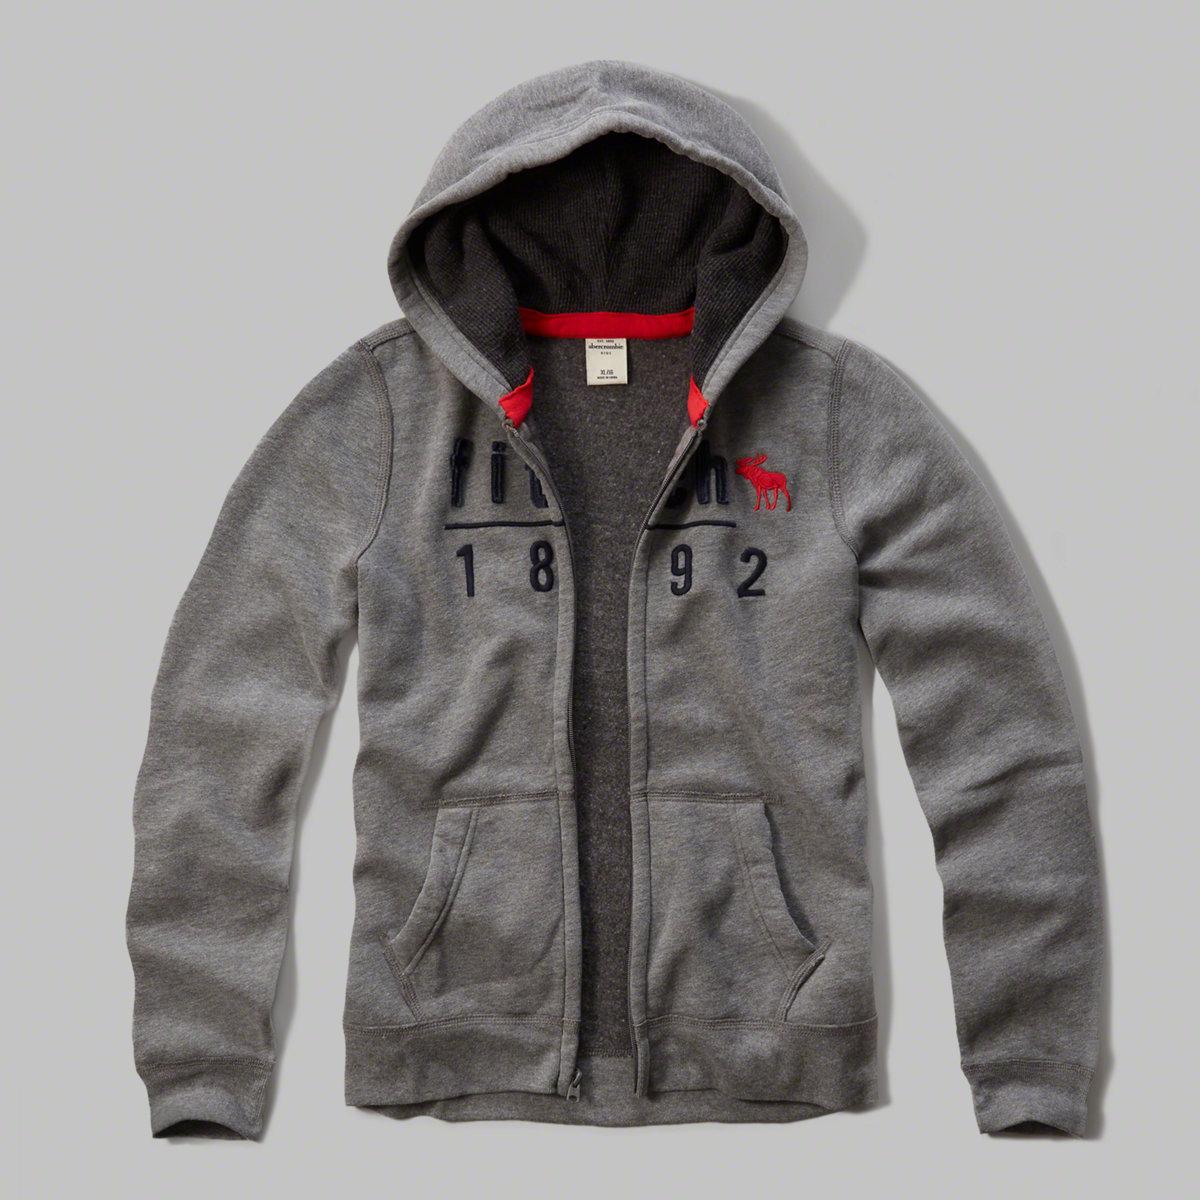 美國百分百【Abercrombie & Fitch】外套 AF 連帽 長袖 夾克 麋鹿 灰色 男 女 S號 特價 F808